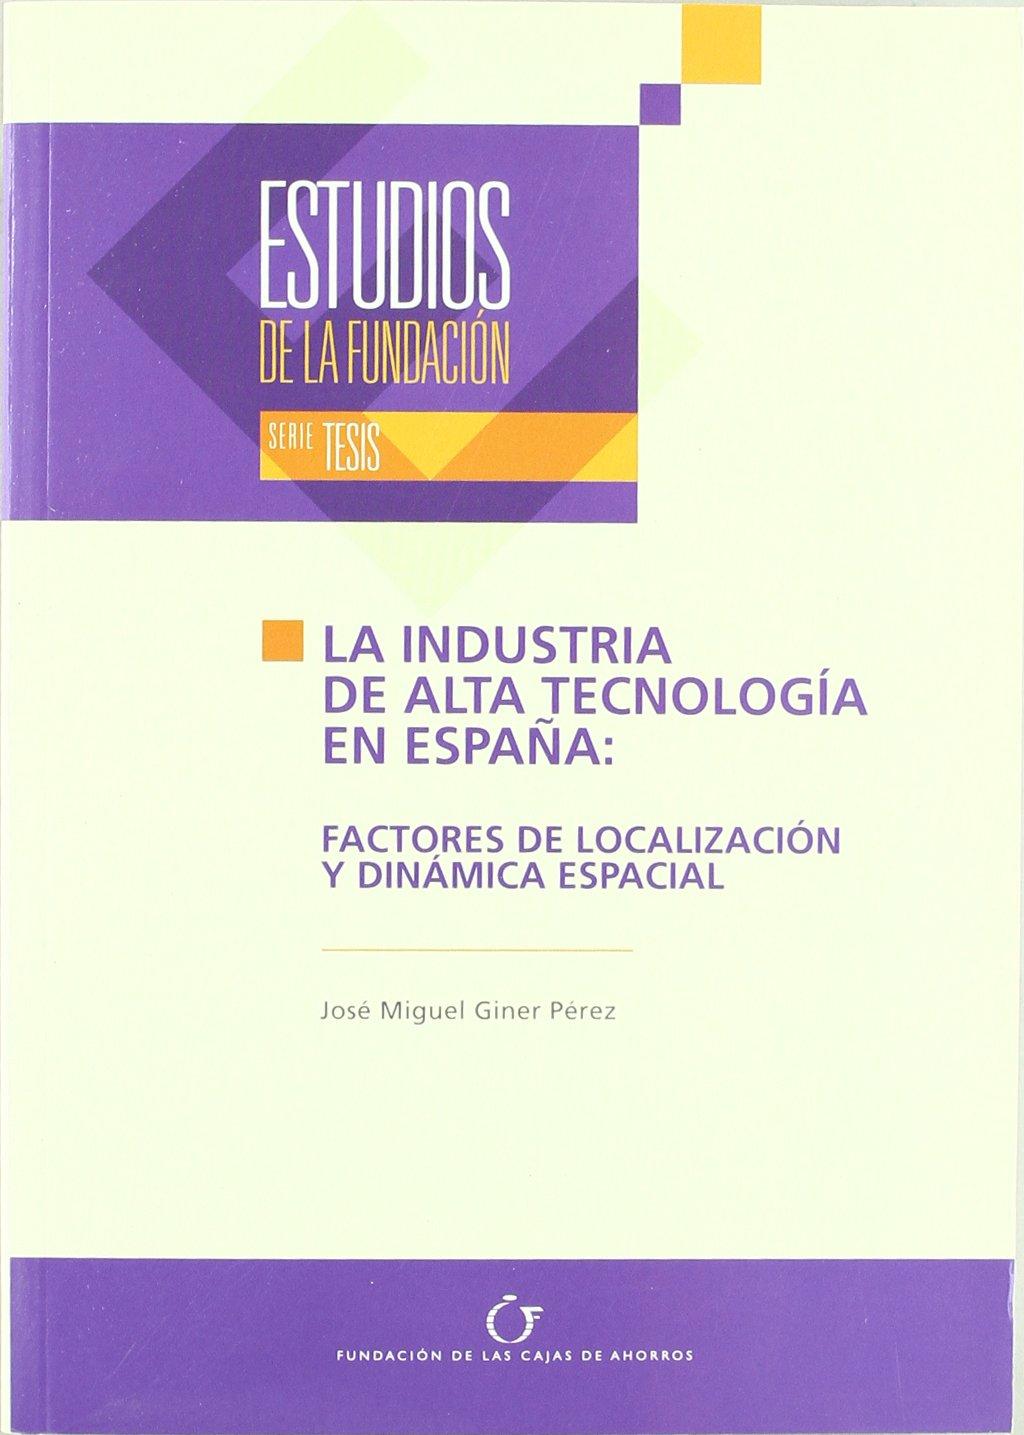 Industria de alta tecnologia en España, la : factores de localizaciony dinamica espacial: Amazon.es: Jose Miguel Giner Perez: Libros